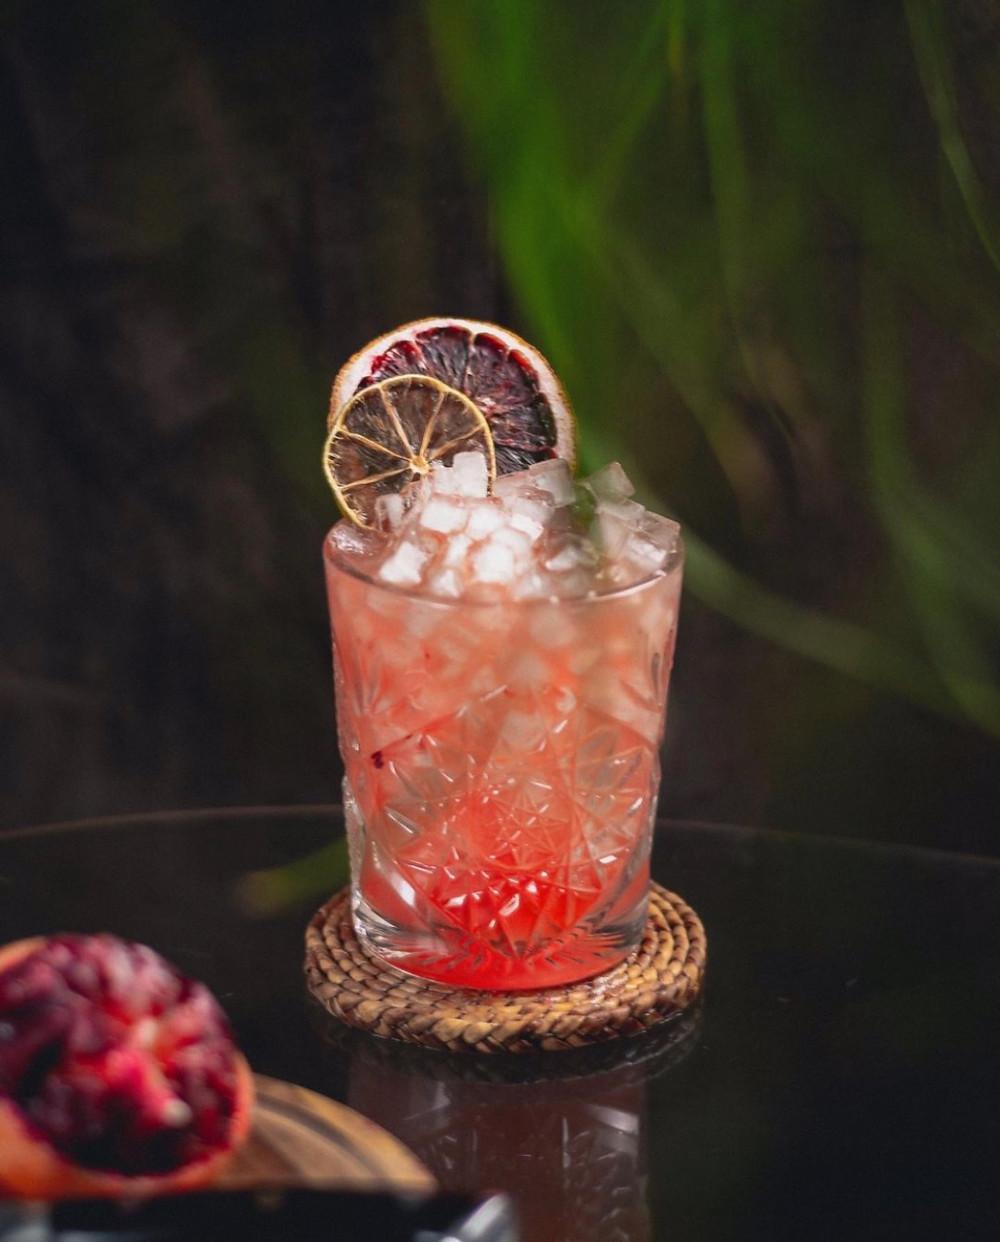 Rum-based tiki drink garnished with citrus wheels, best tiki drinks, best summer cocktail recipes, banana liqueur drinks, cocktail recipes with rum